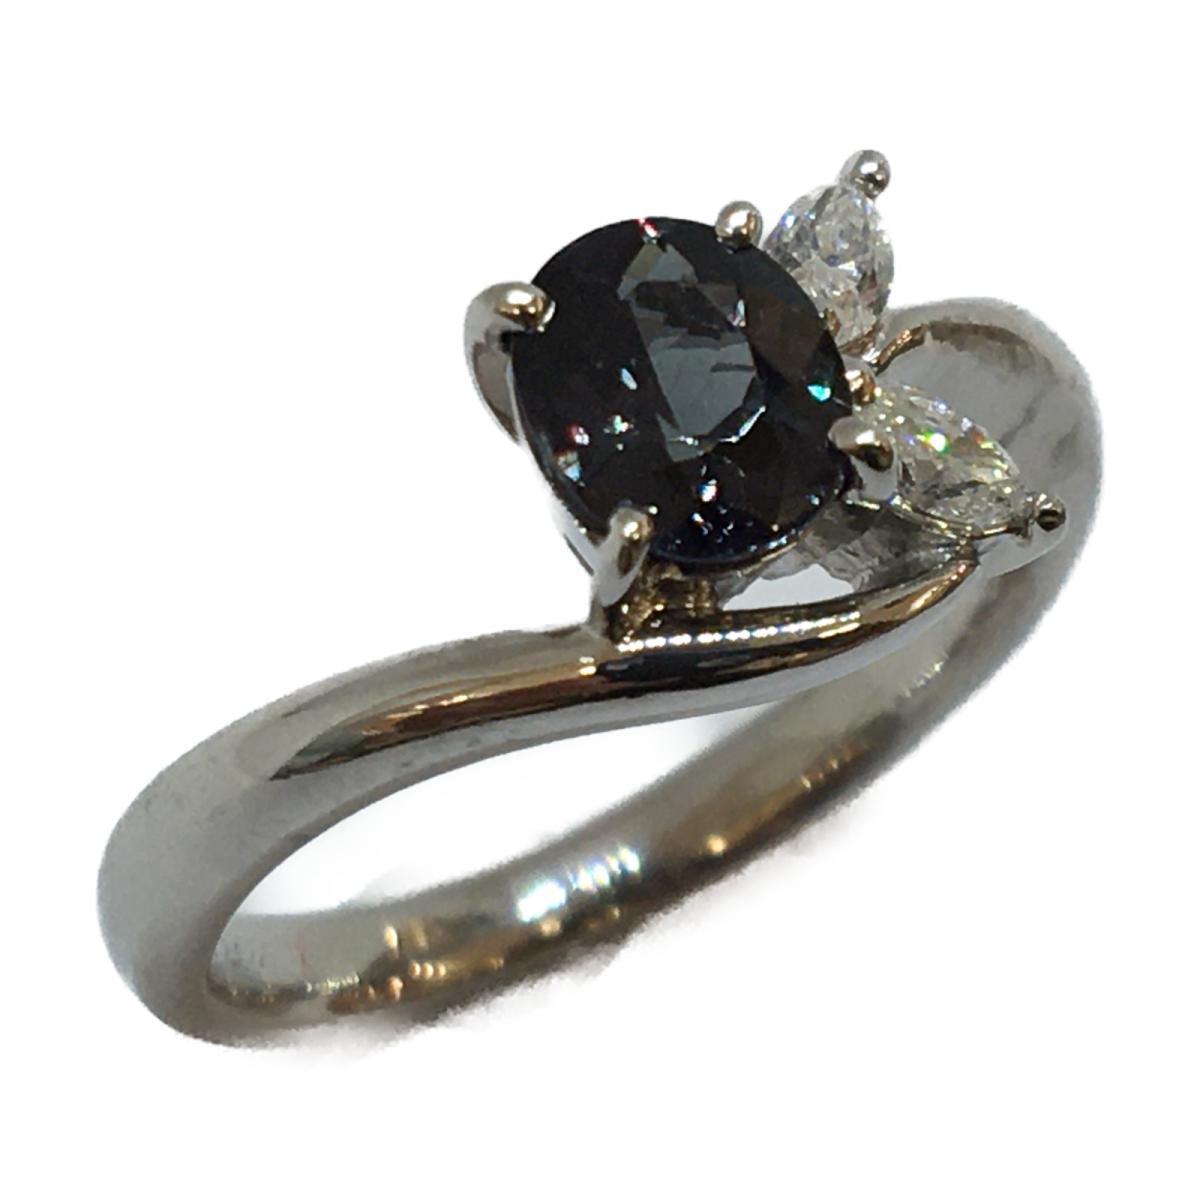 【中古】 ジュエリー カラーチェンジガーネット リング 指輪 メンズ レディース PT900 プラチナ x (0.782ct) ダイヤモンド (0.17ct) | JEWELRY BRANDOFF ブランドオフ ブランド アクセサリー